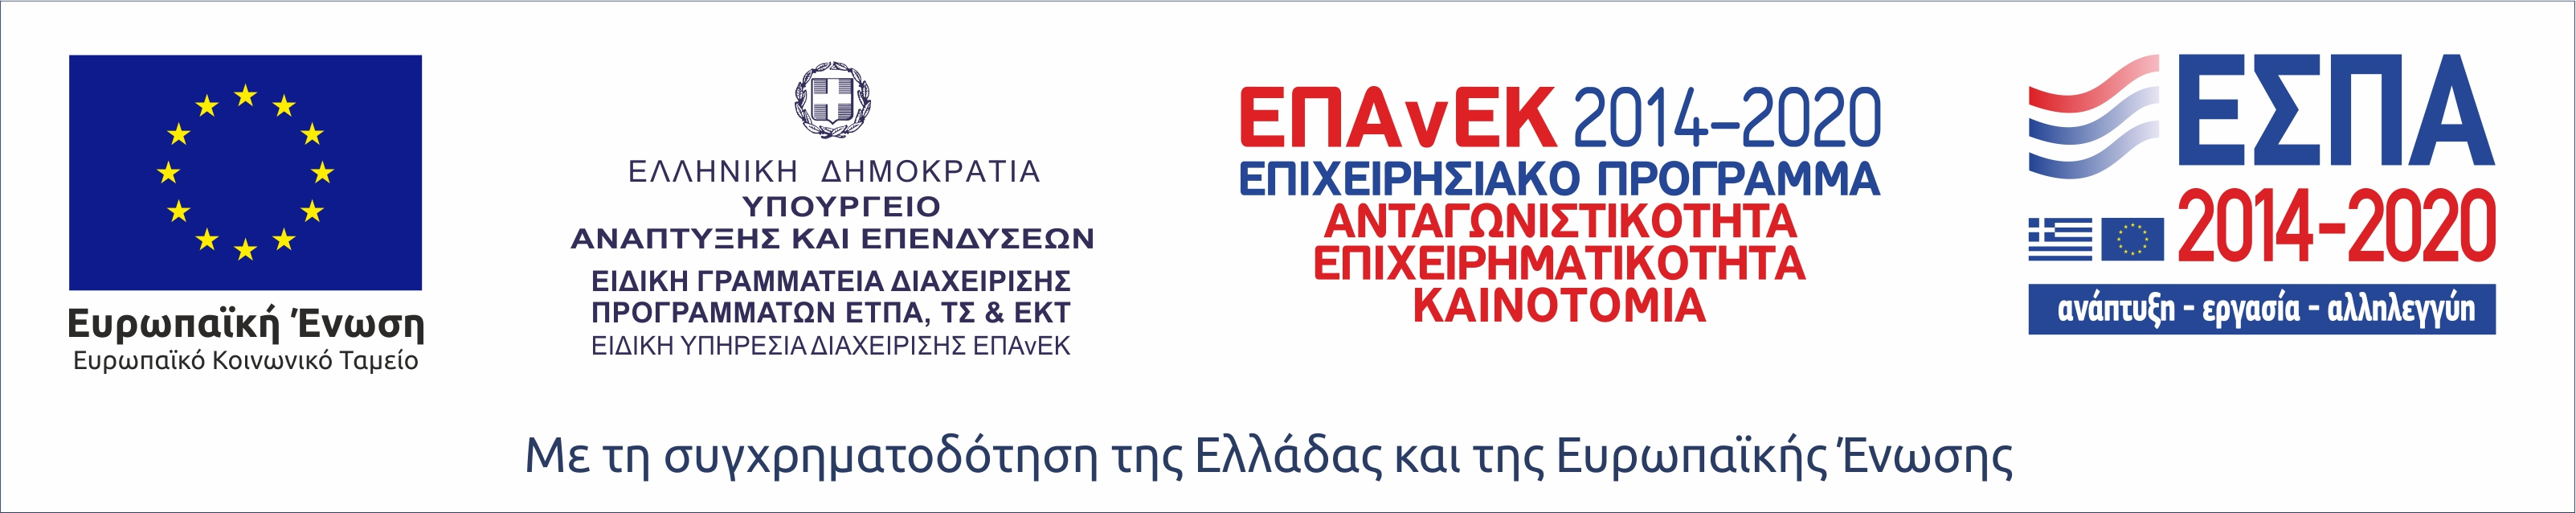 Ypourgeio-ependyseis3ΕΚΤ ΑΠΟ 29-10 ΚΑΙ ΜΕΤΑ